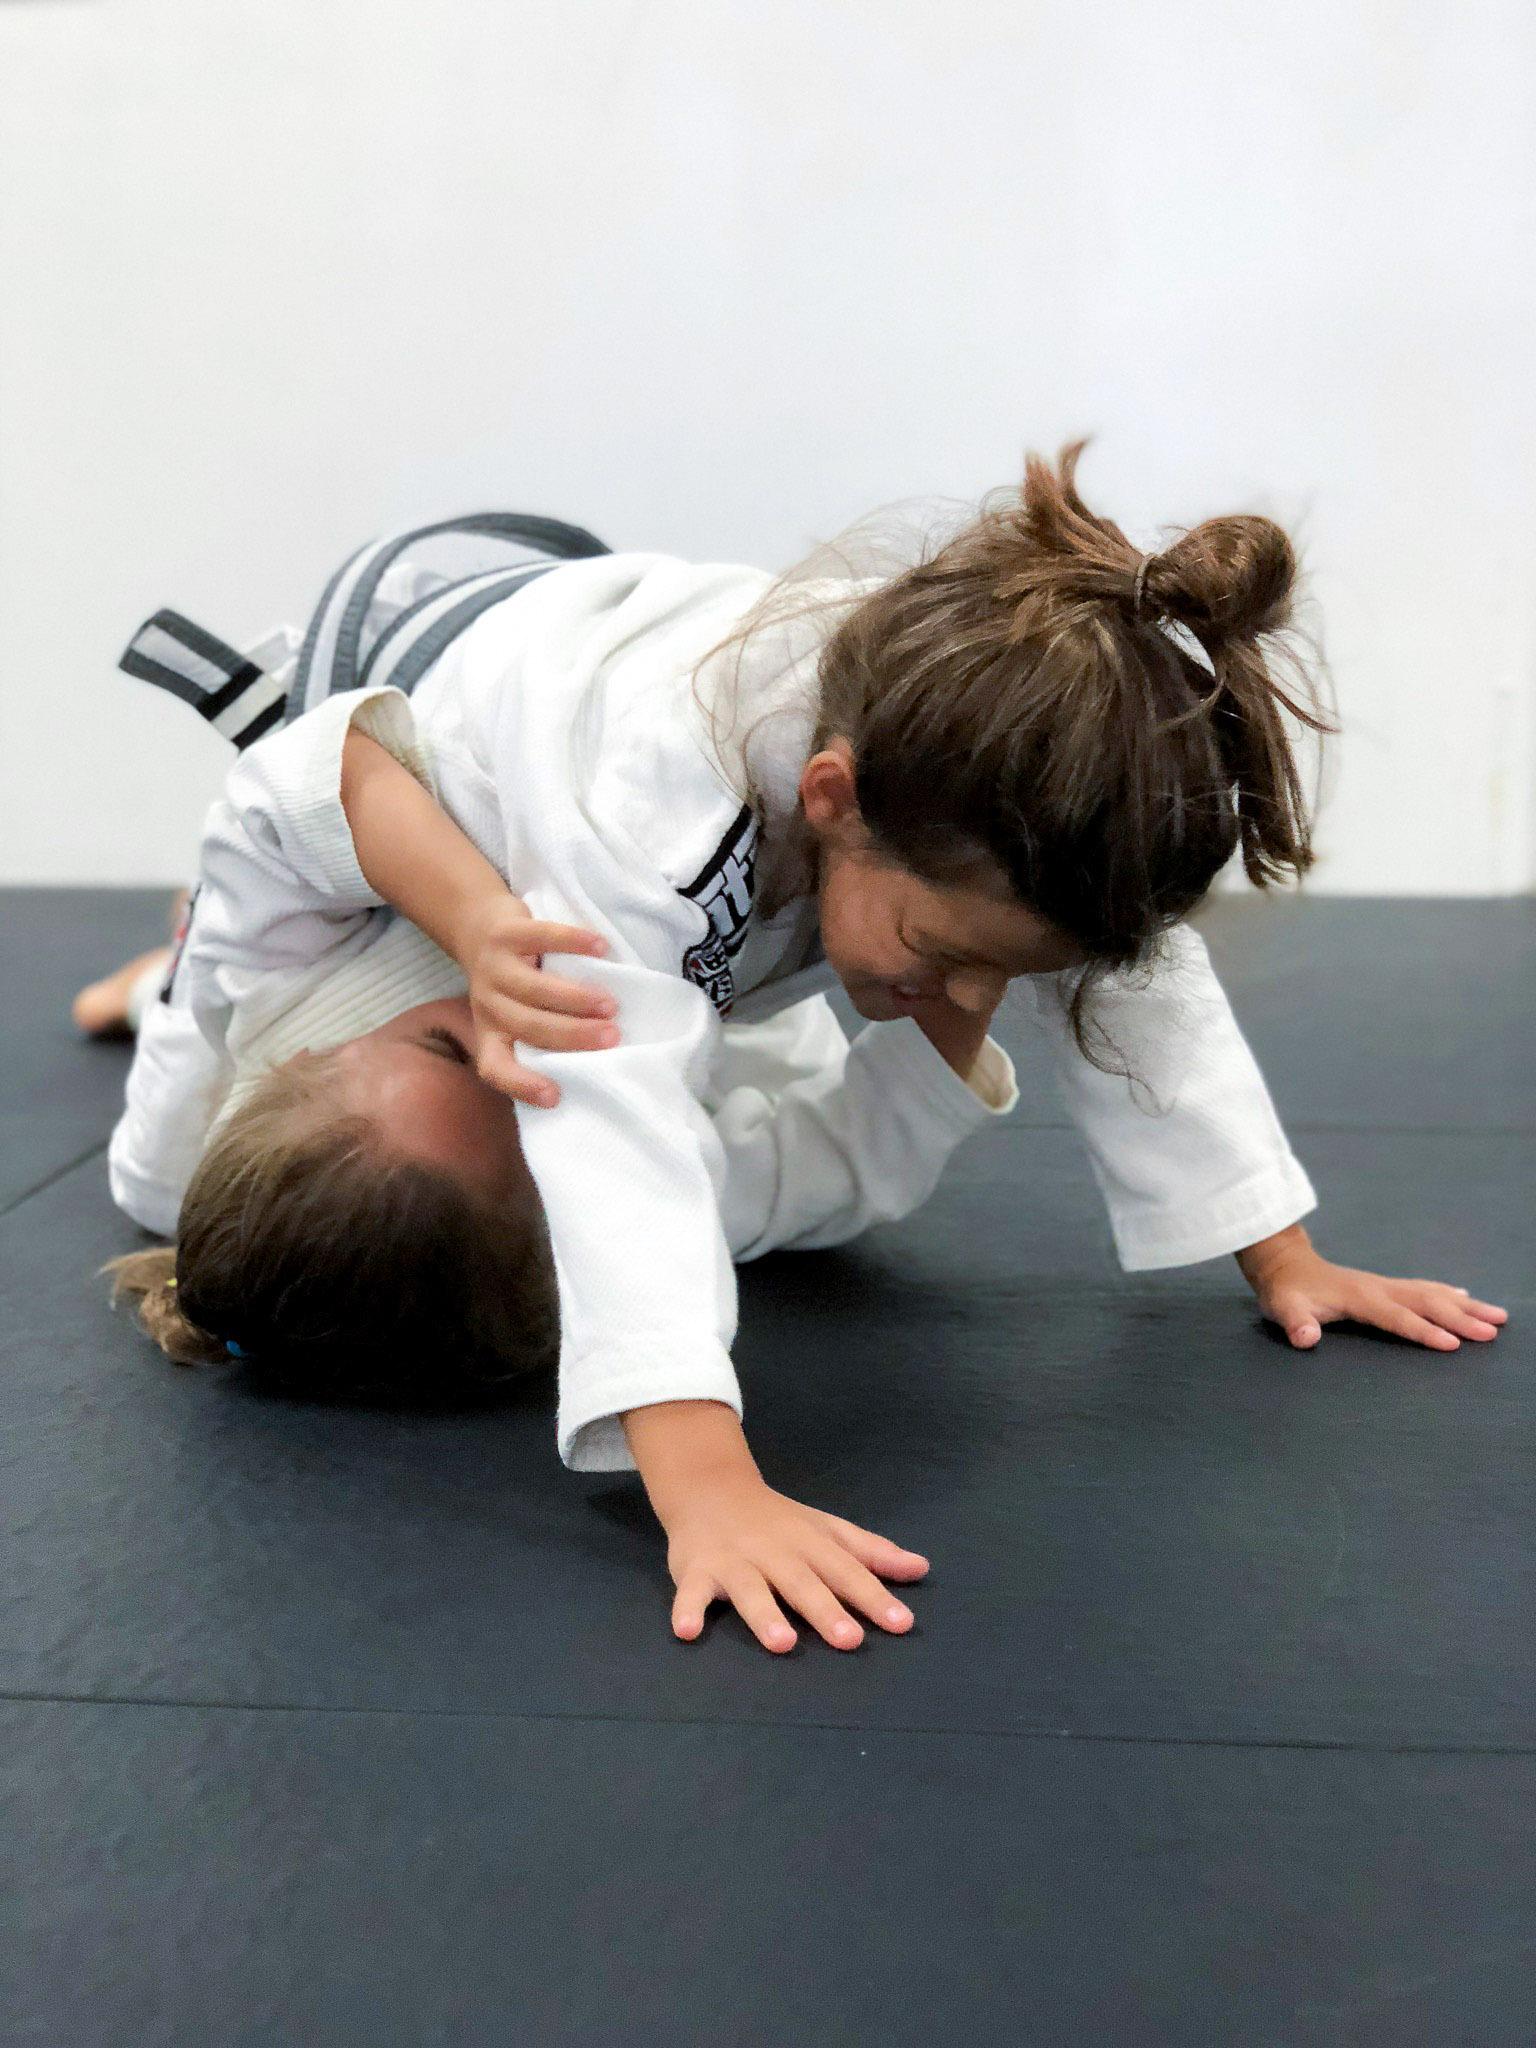 hnl-jiu-jitsu-honolulu-bjj-gracie-1-18.jpg